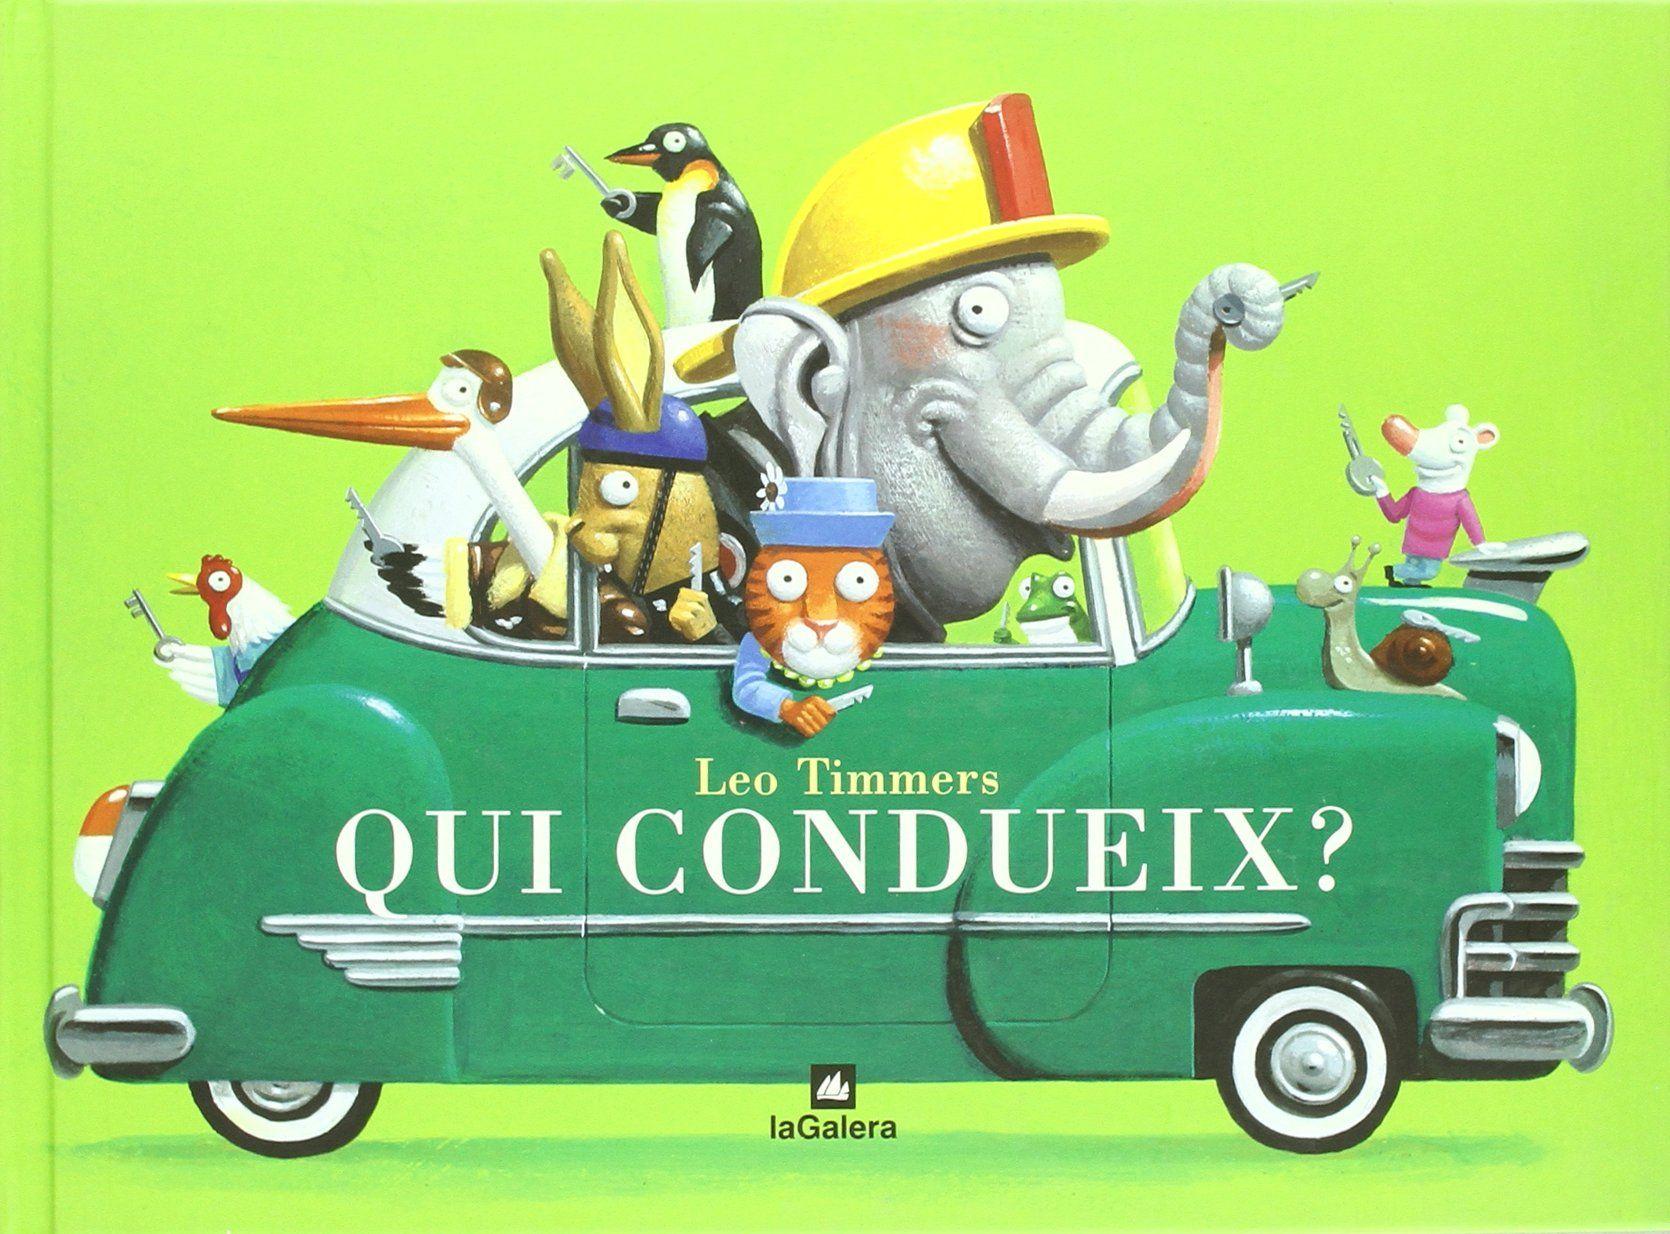 Qui condueix? - Leo Timmers: http://sinera.diba.cat/record=b1436408~S9*cat  · De 2 a 5 anys